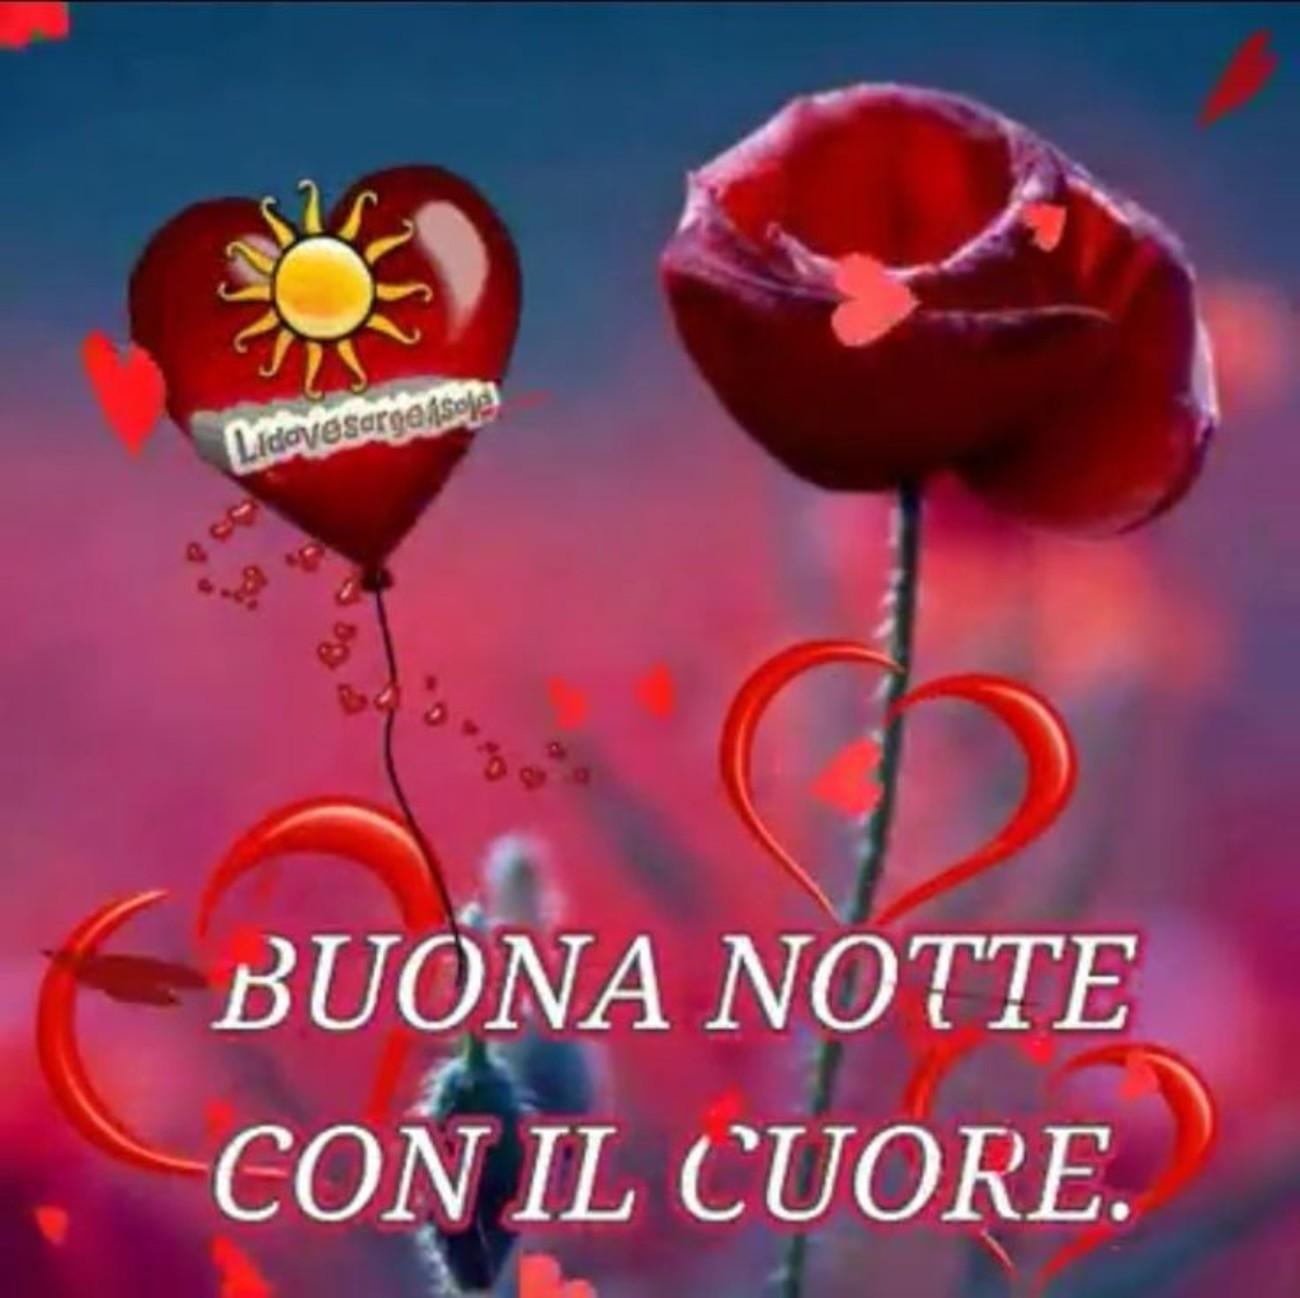 Buonanotte Con Il Cuore 2 Buongiornoate It